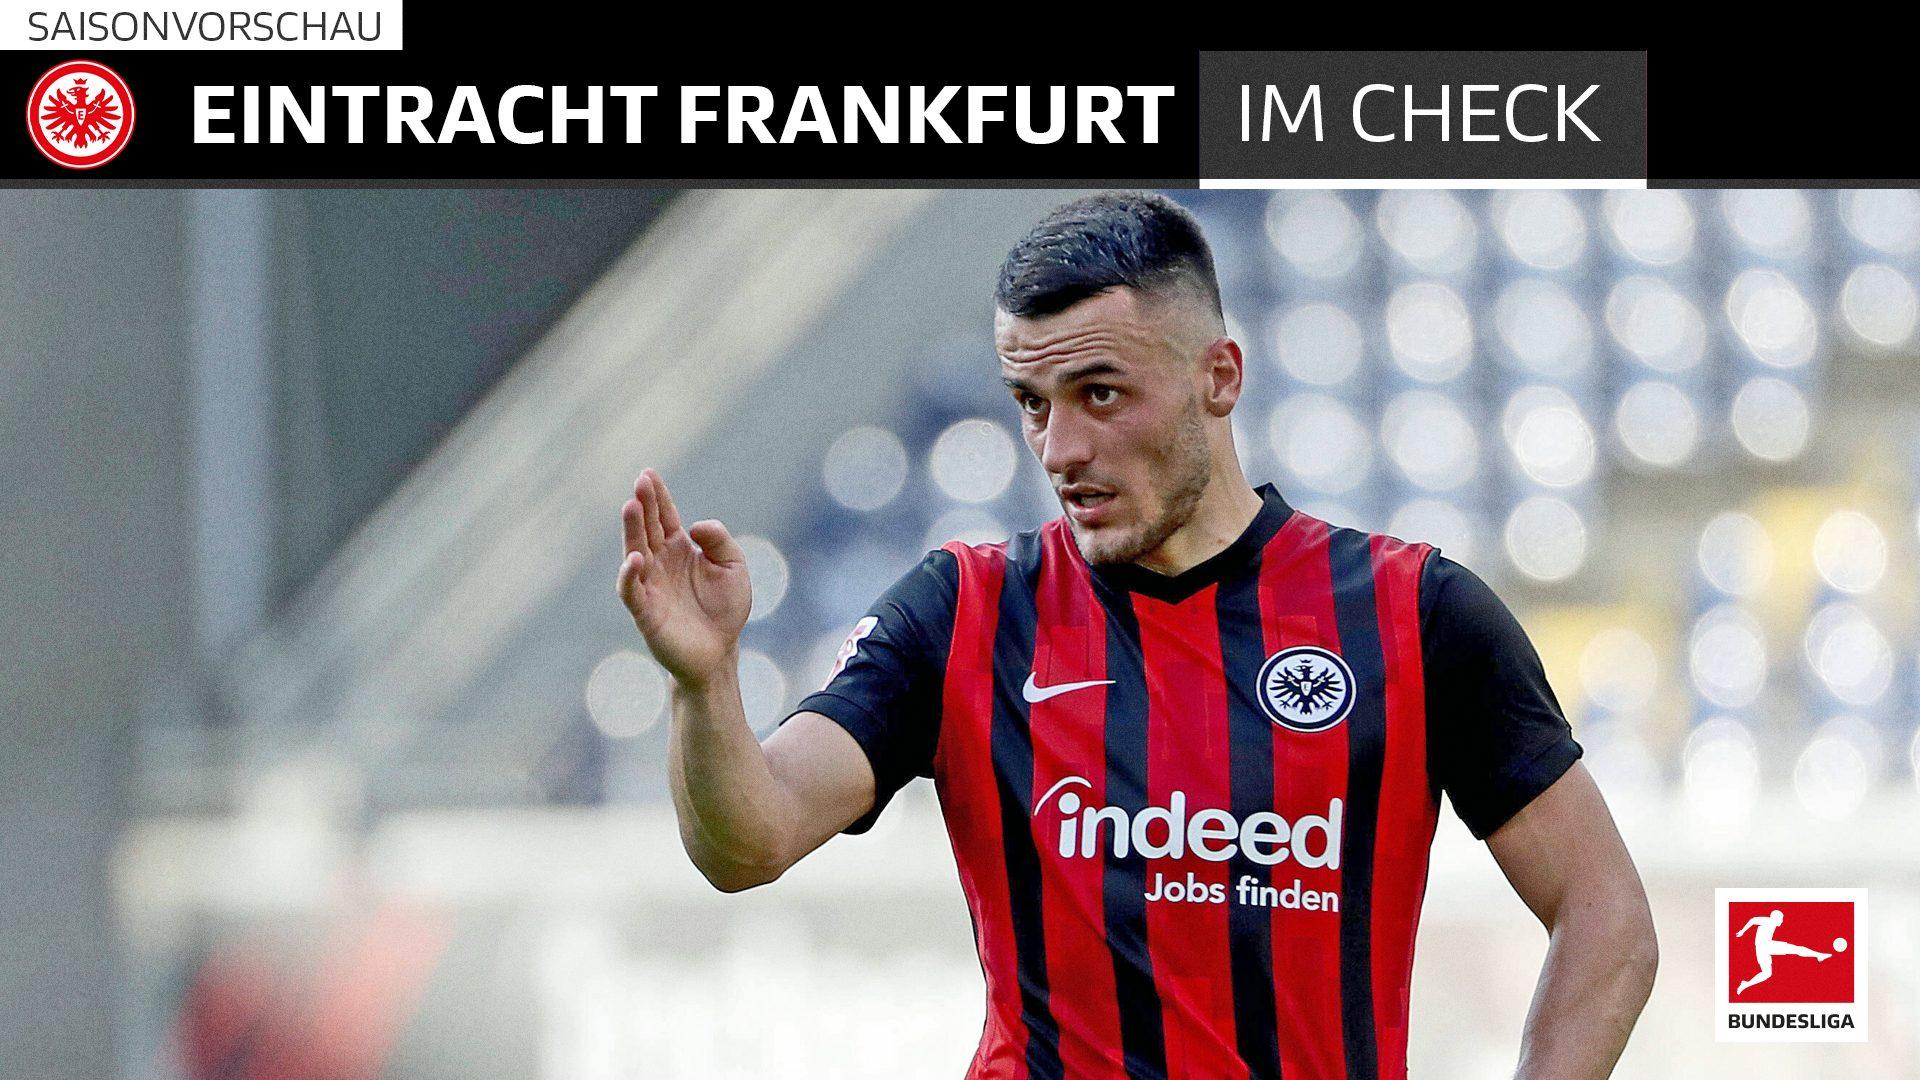 Eintracht Frankfurt im Check: Zurück nach Europa!?